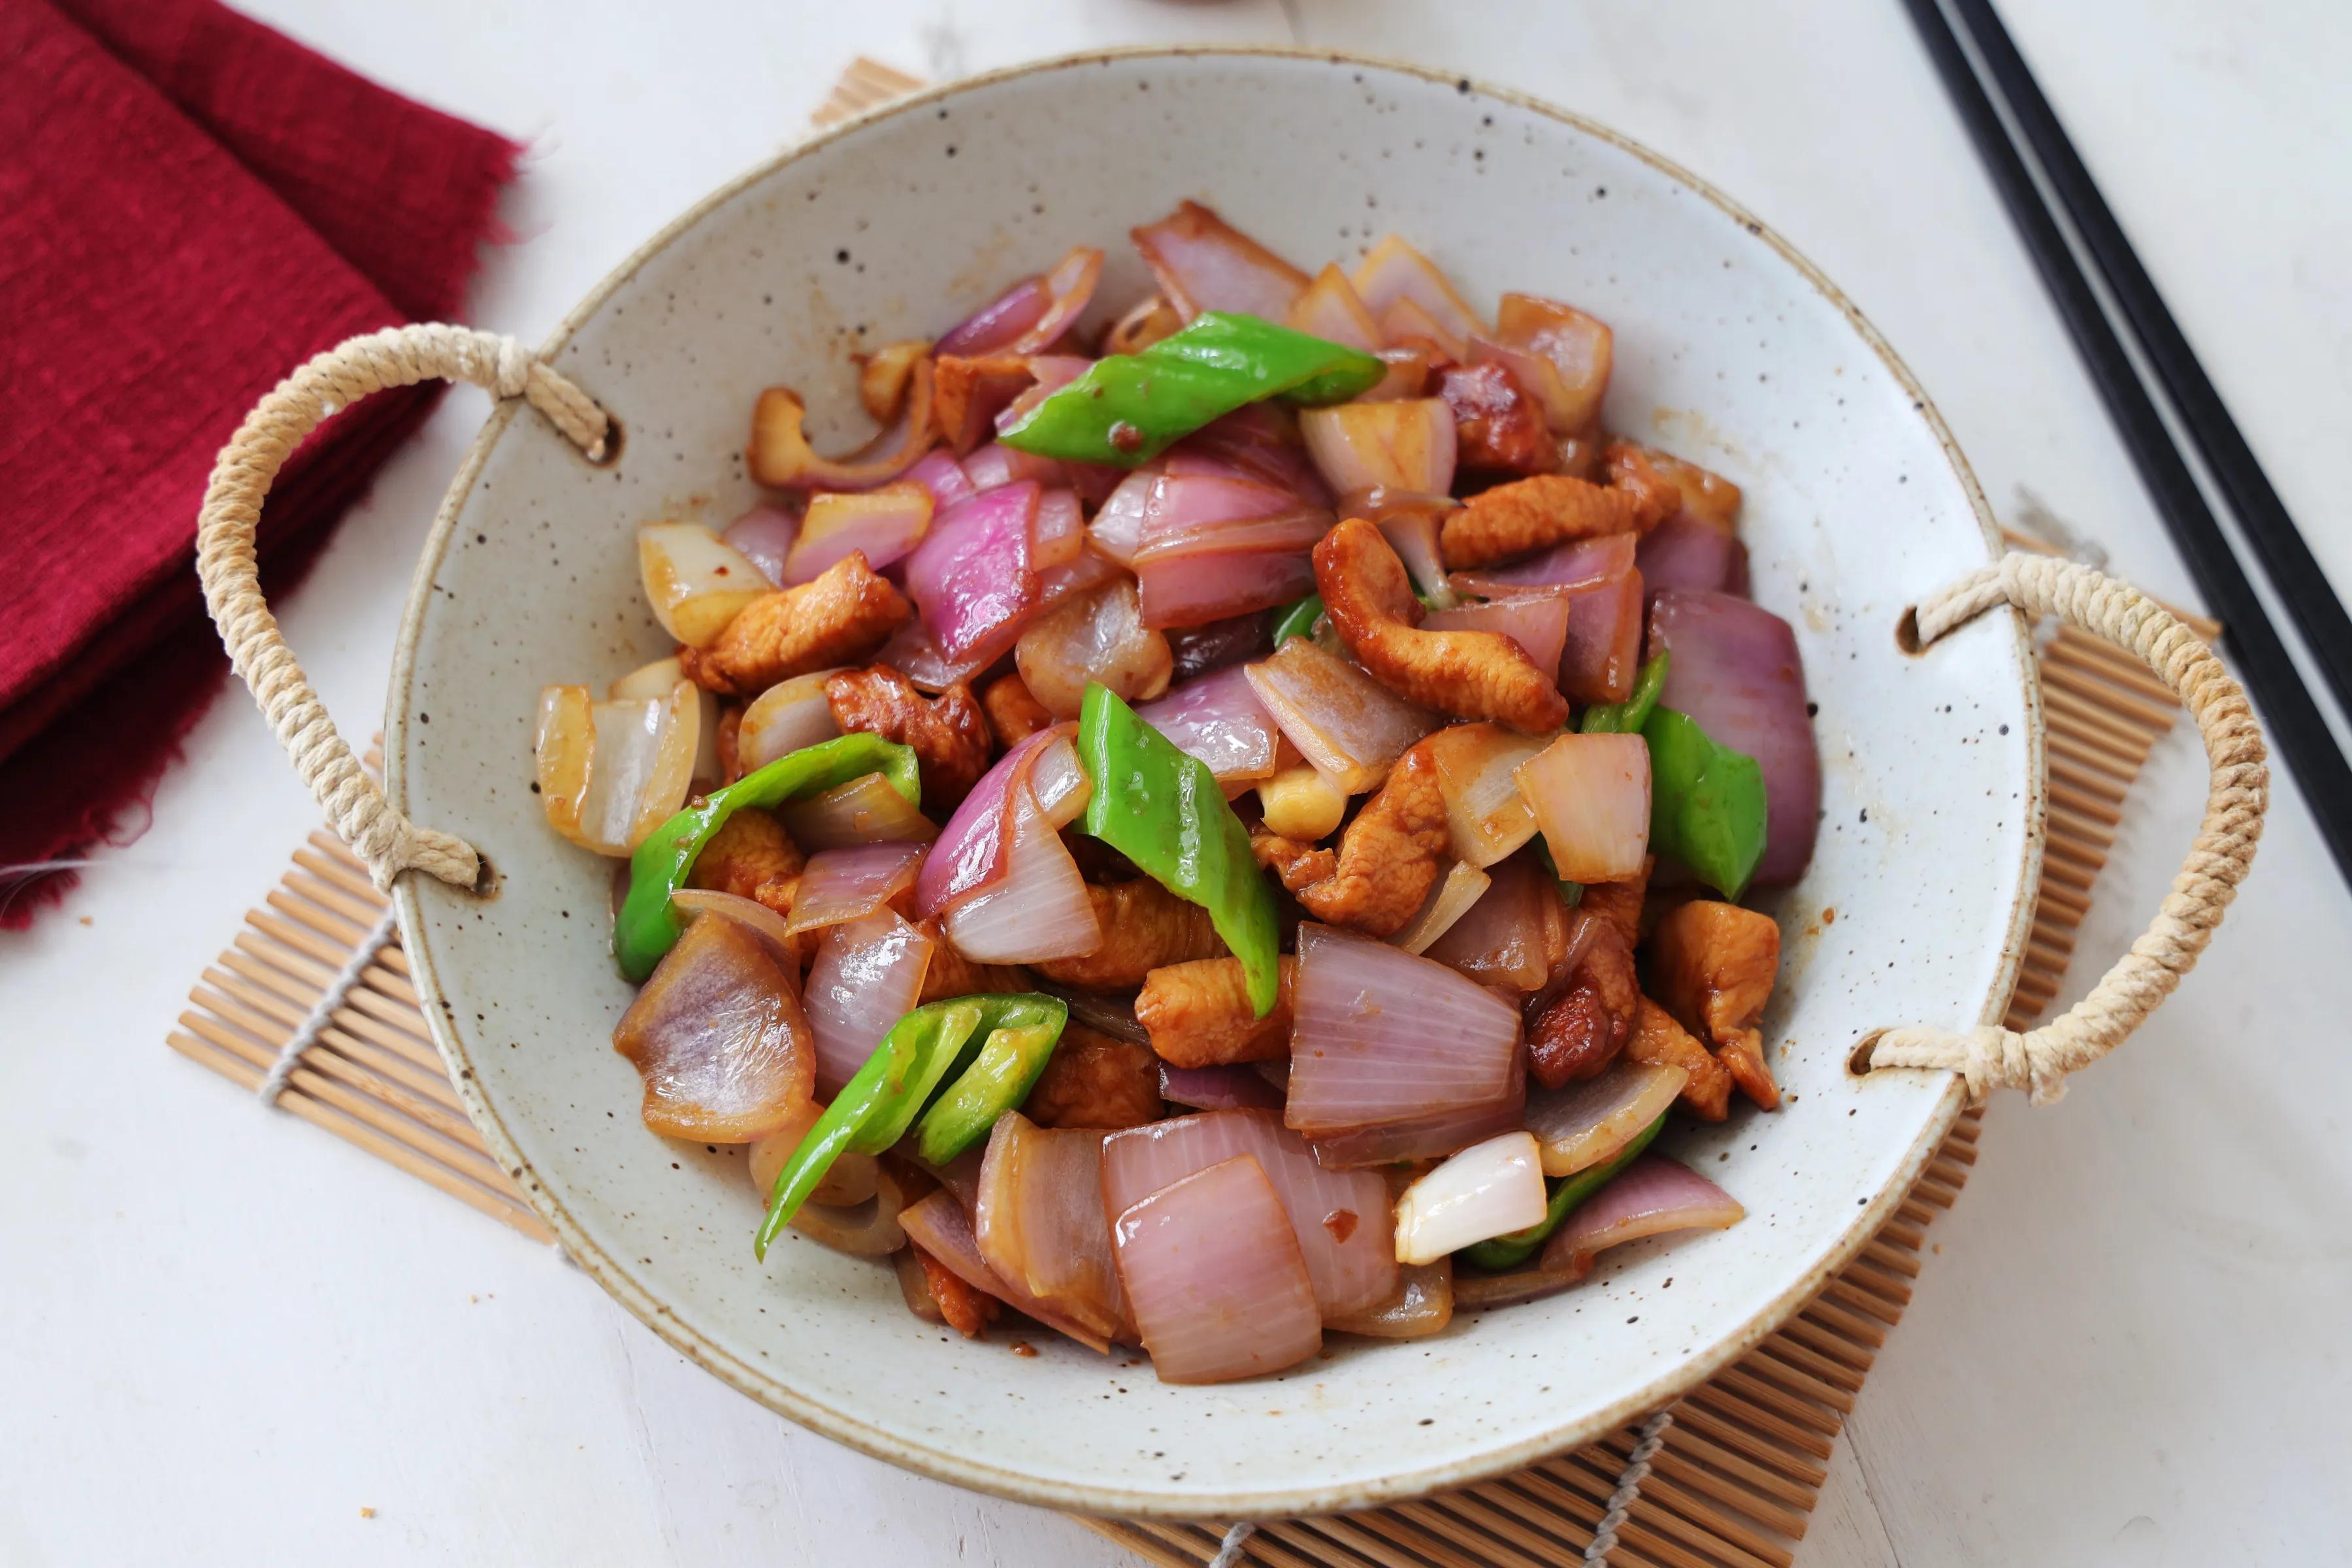 晚餐多吃这道菜,鲜香味美又营养,而且低脂吃不胖,特别下饭! 美食做法 第1张